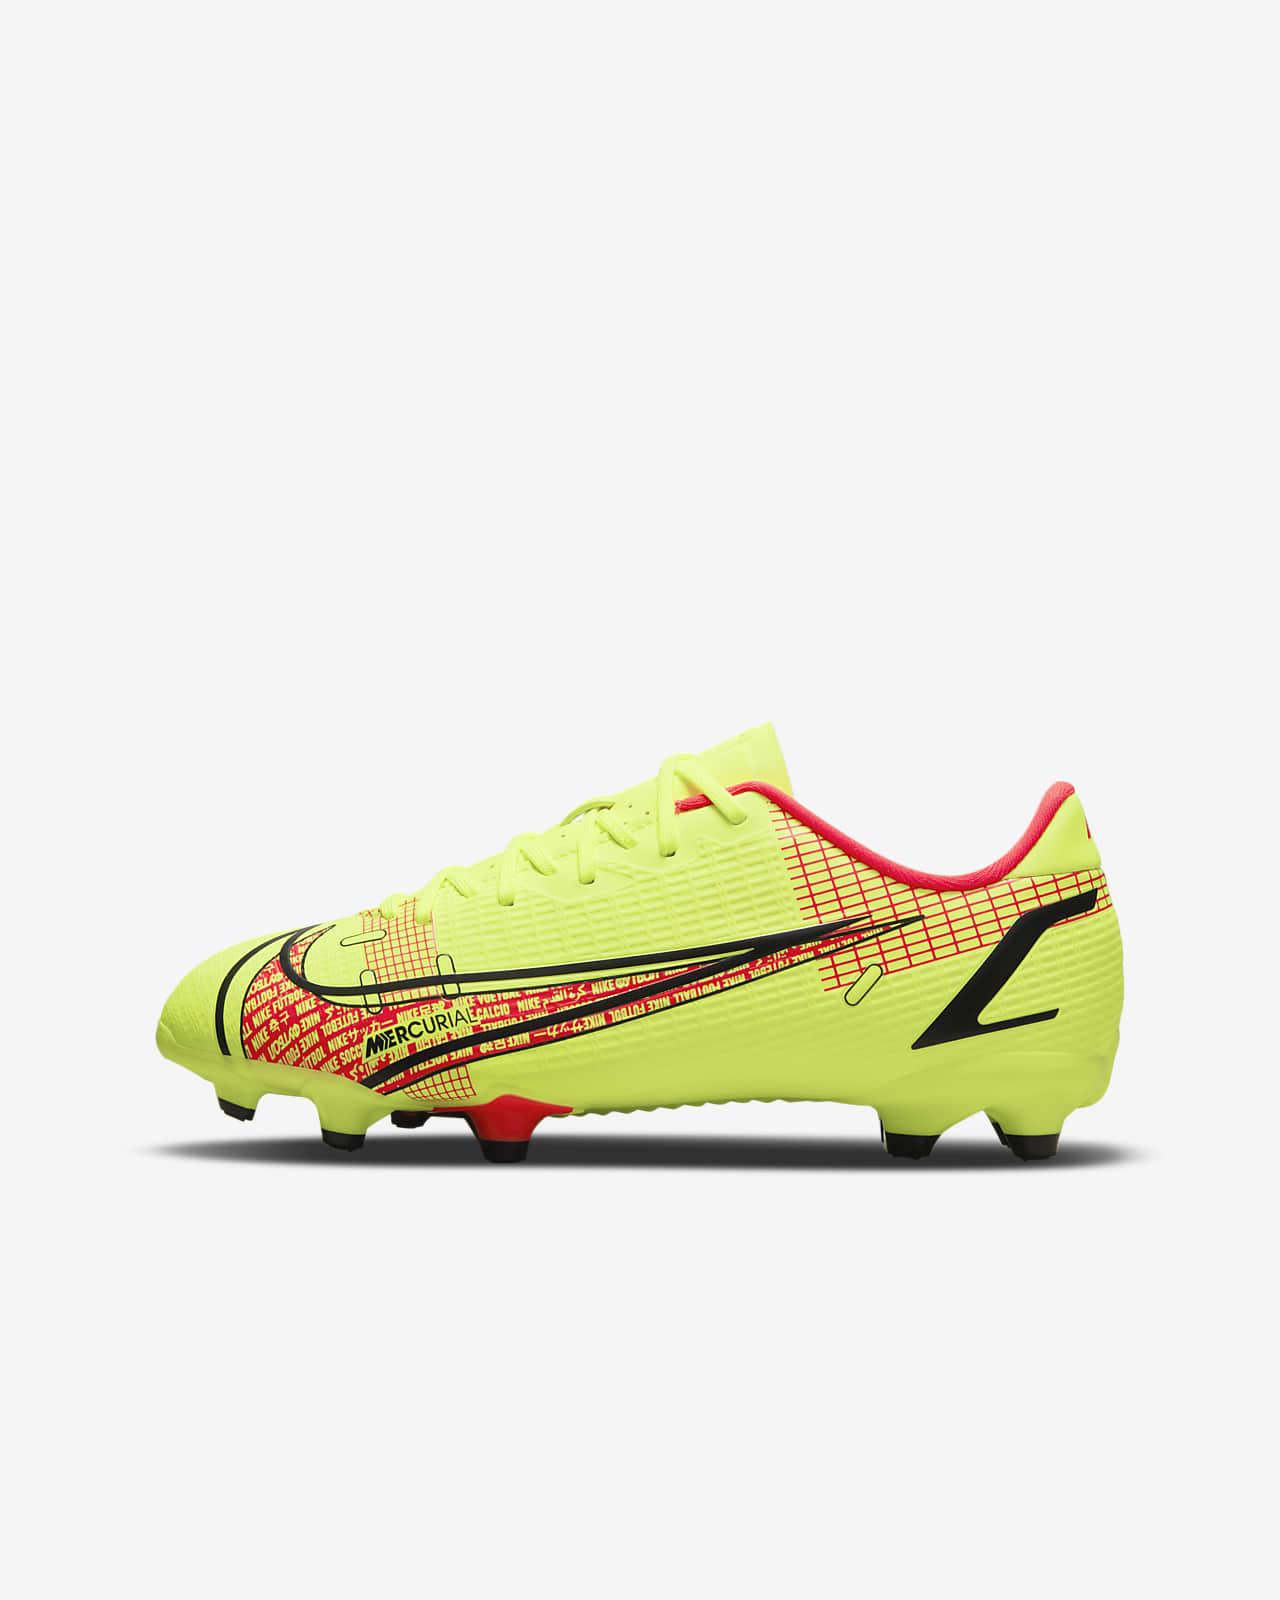 Nike Jr. Mercurial Vapor 14 Academy FG/MG Fußballschuh für verschiedene Böden für jüngere/ältere Kinder